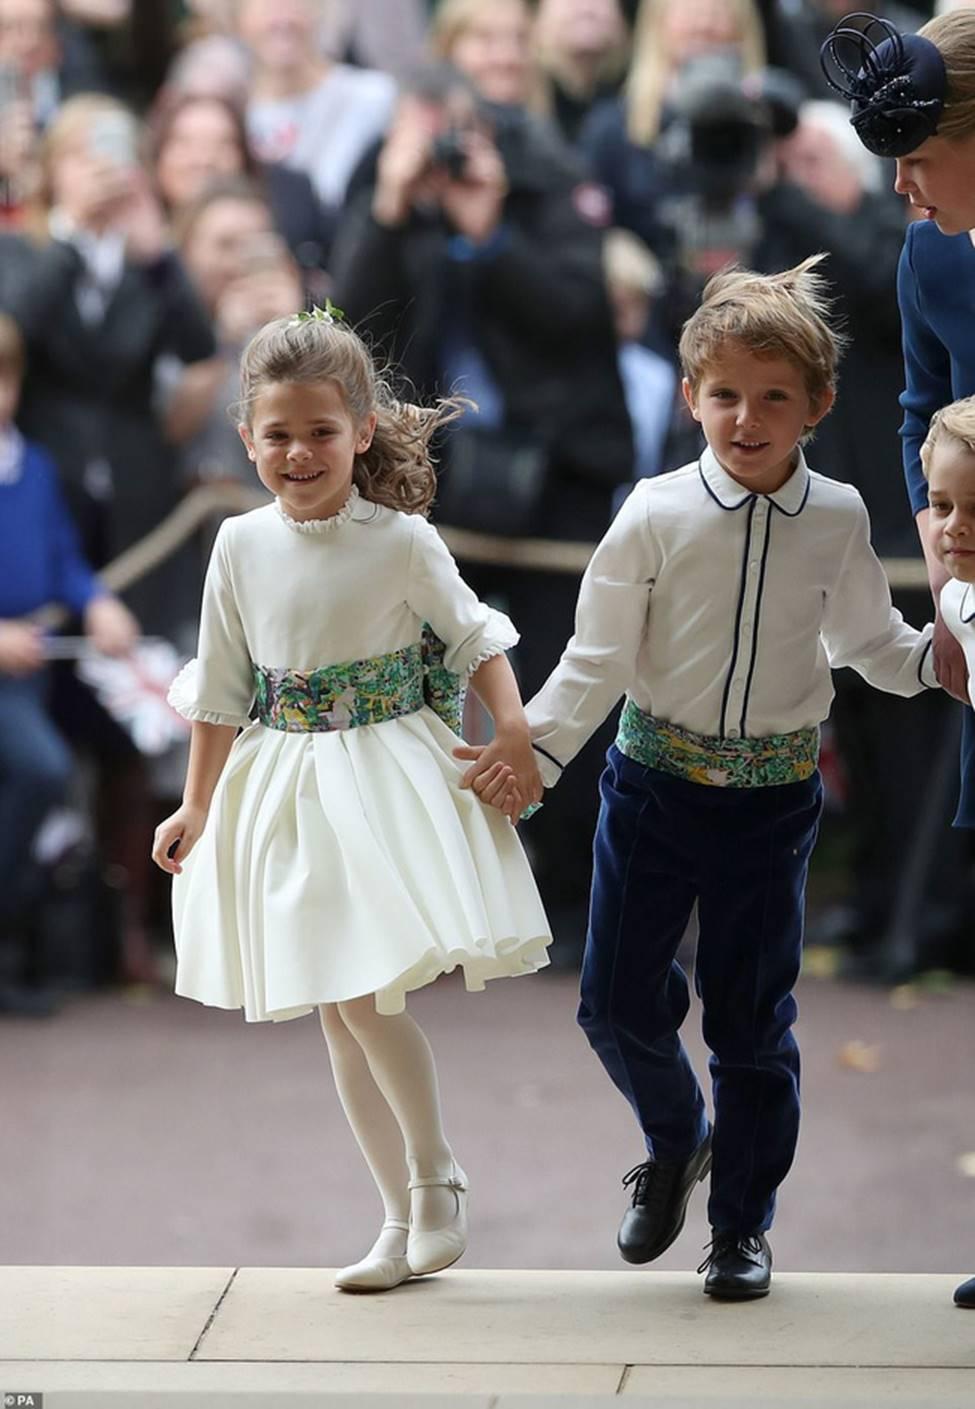 Đi đám cưới cô họ, Công chúa Charlotte tiếp tục gây thương nhớ bằng loạt biểu cảm đáng yêu xinh như thiên thần-11